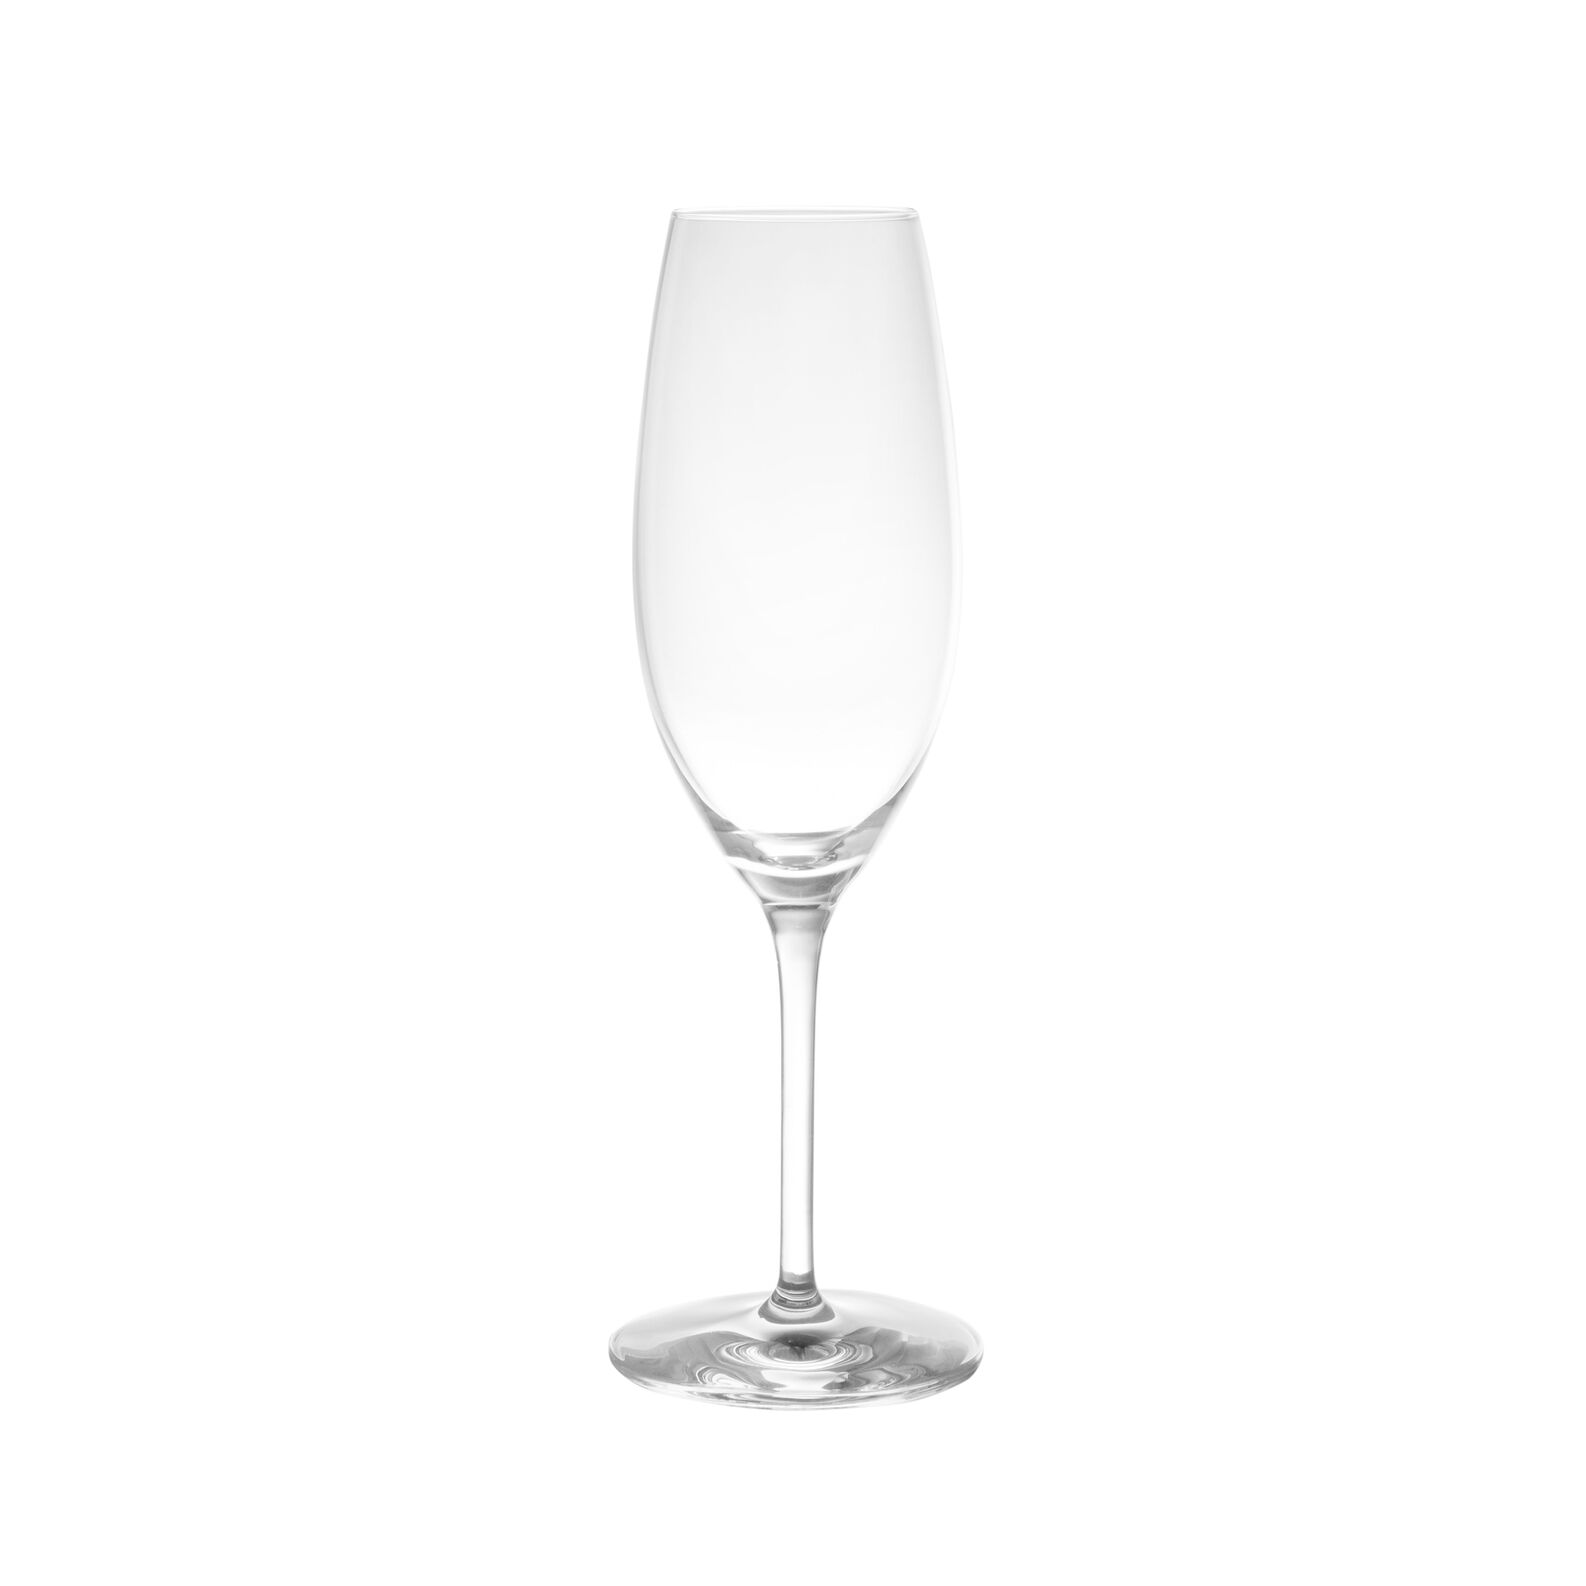 Tritan champagne flute